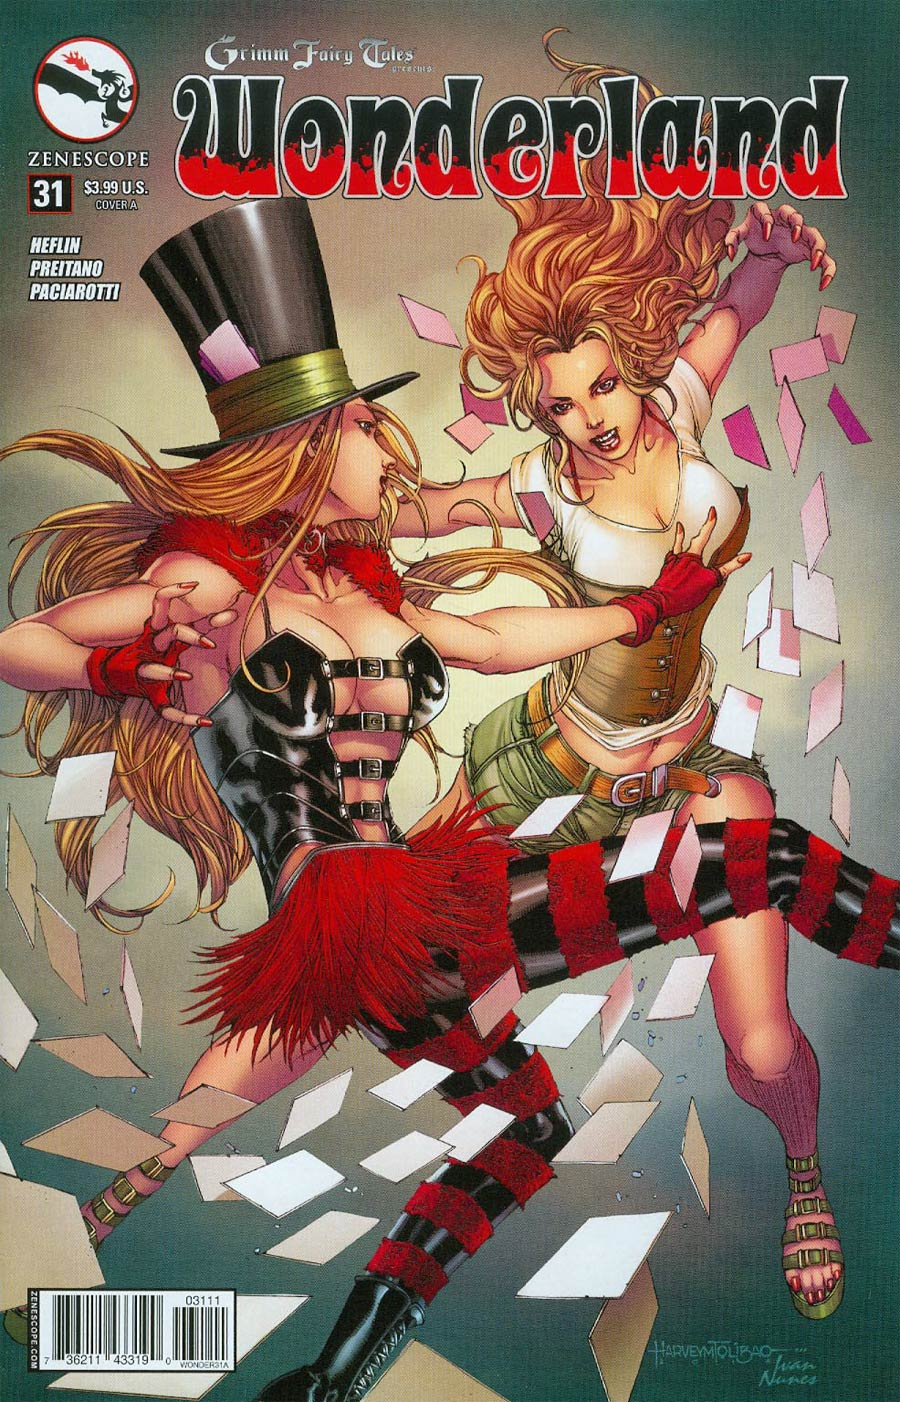 Grimm Fairy Tales Presents Wonderland Vol 2 #31 Cover A Harvey Tolibao & Ivan Nunes